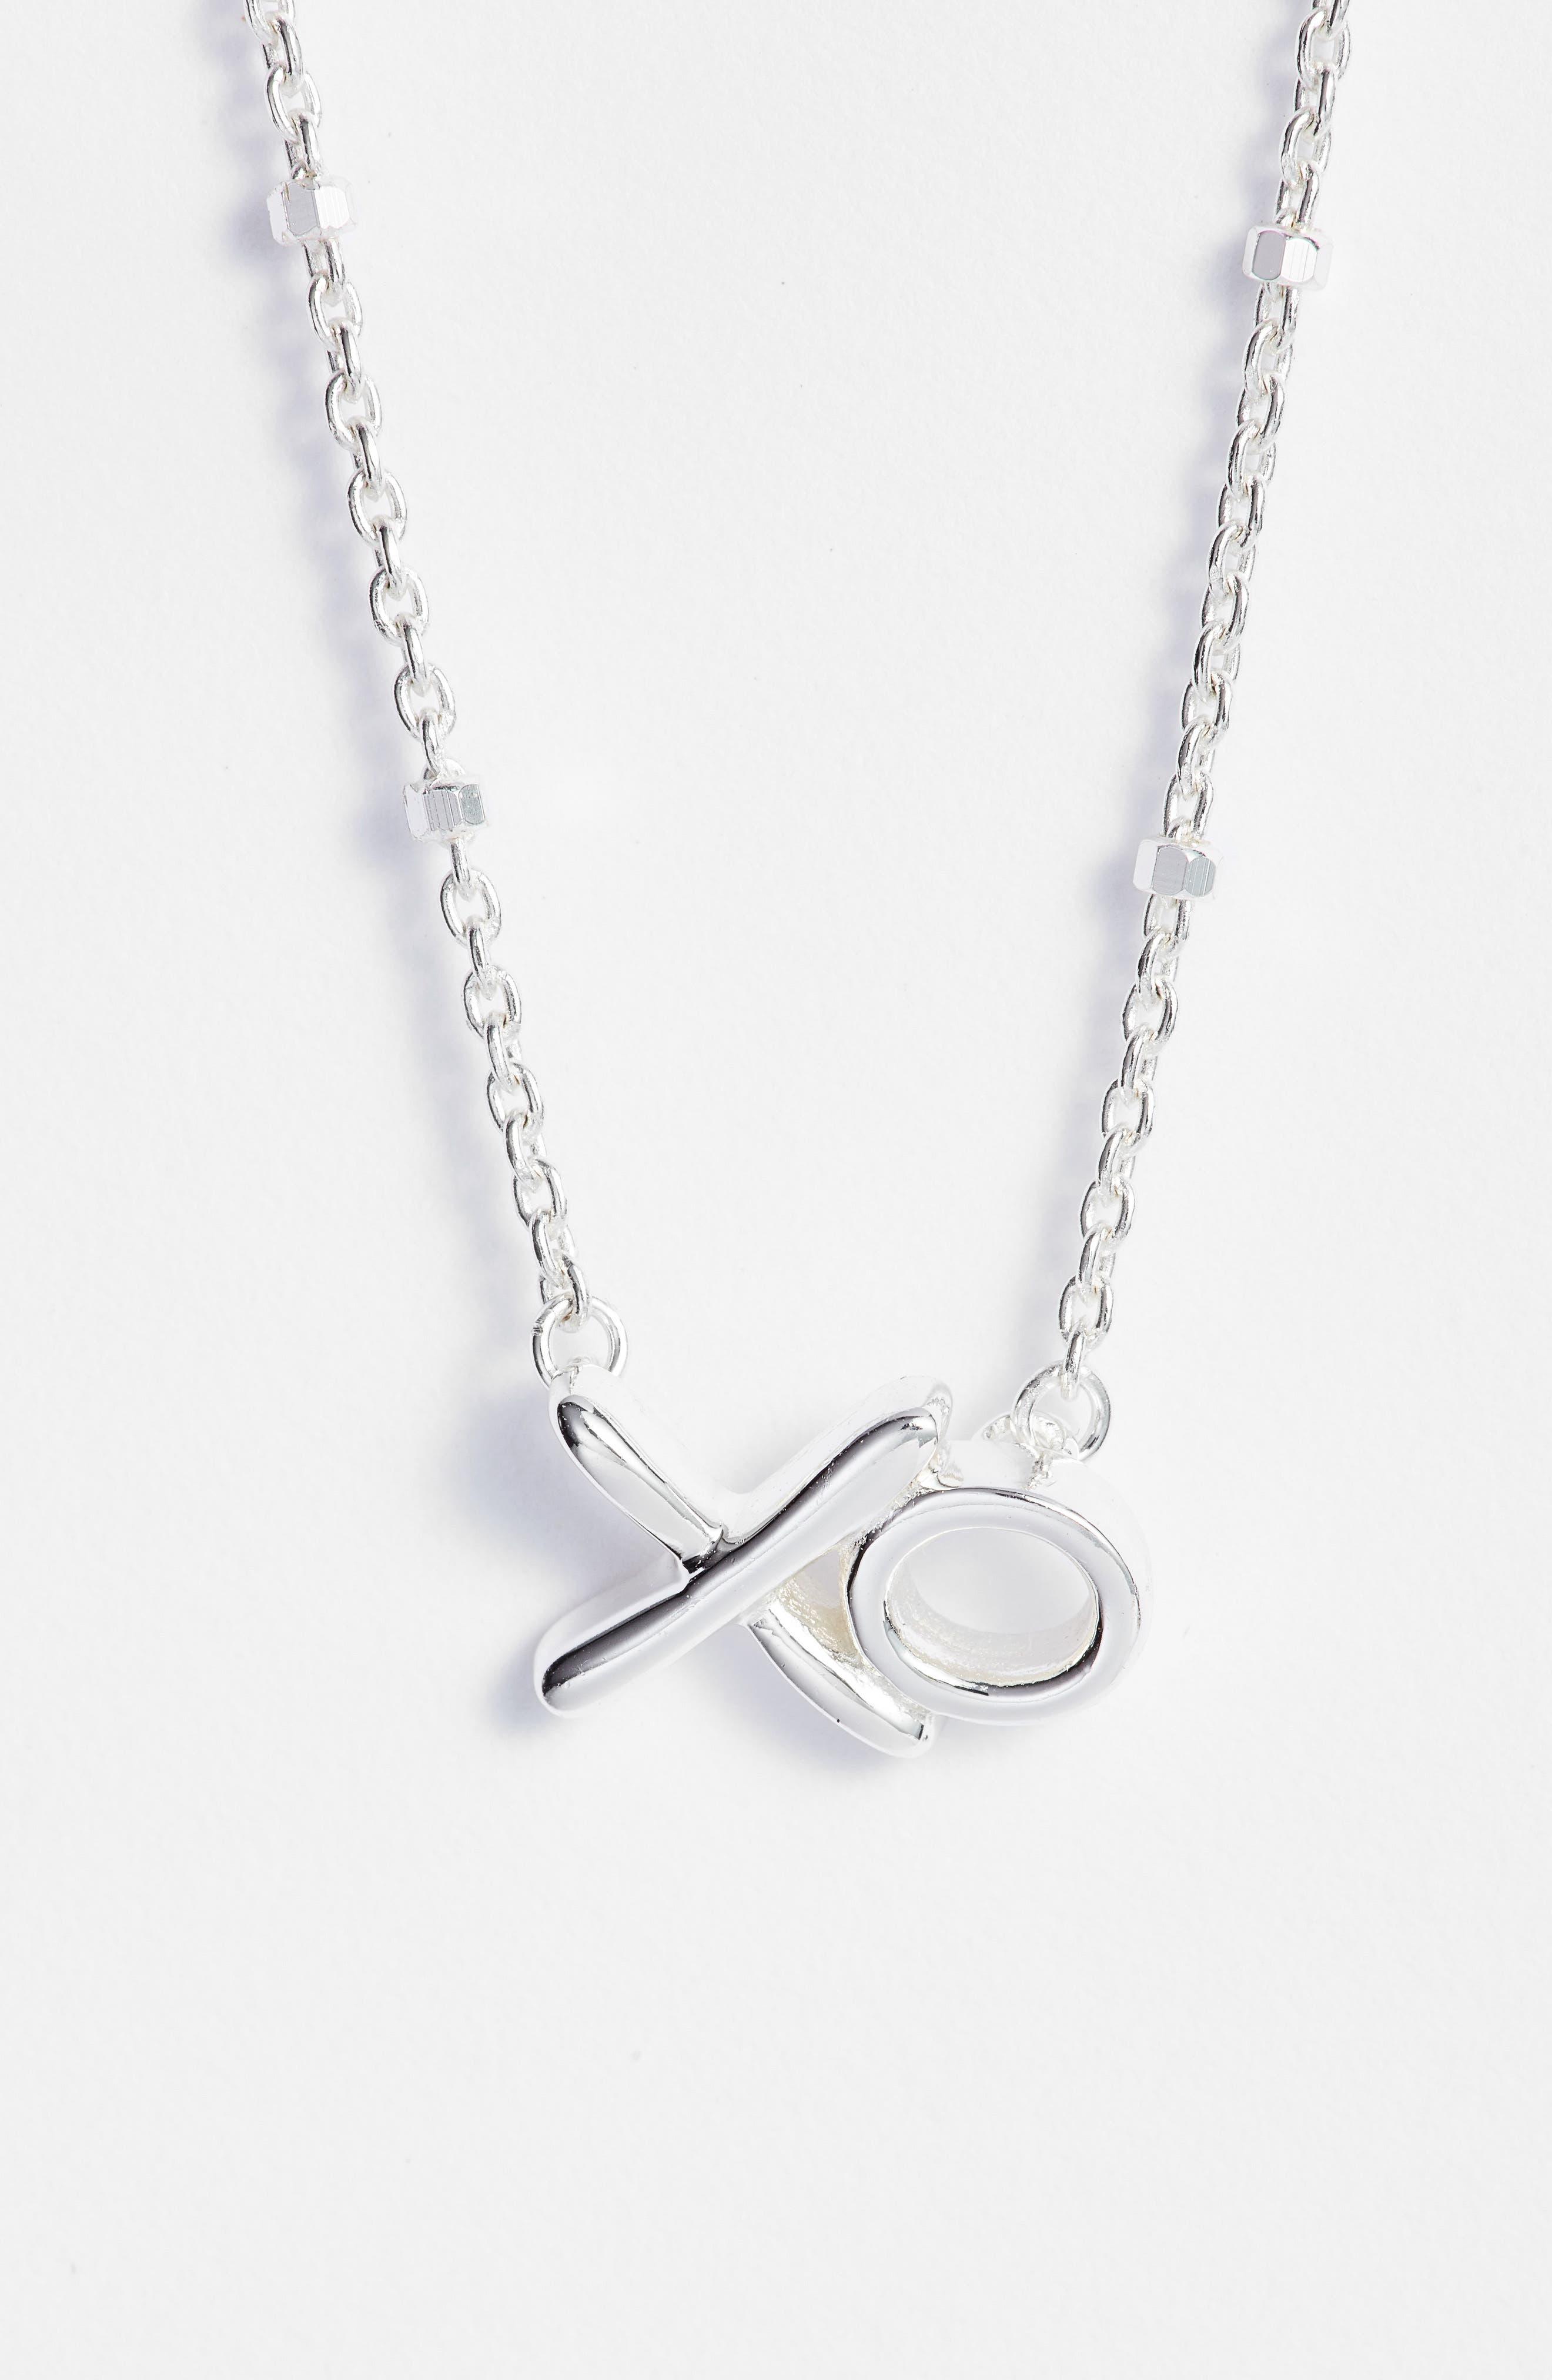 XO Pendant Necklace,                             Main thumbnail 1, color,                             Silver